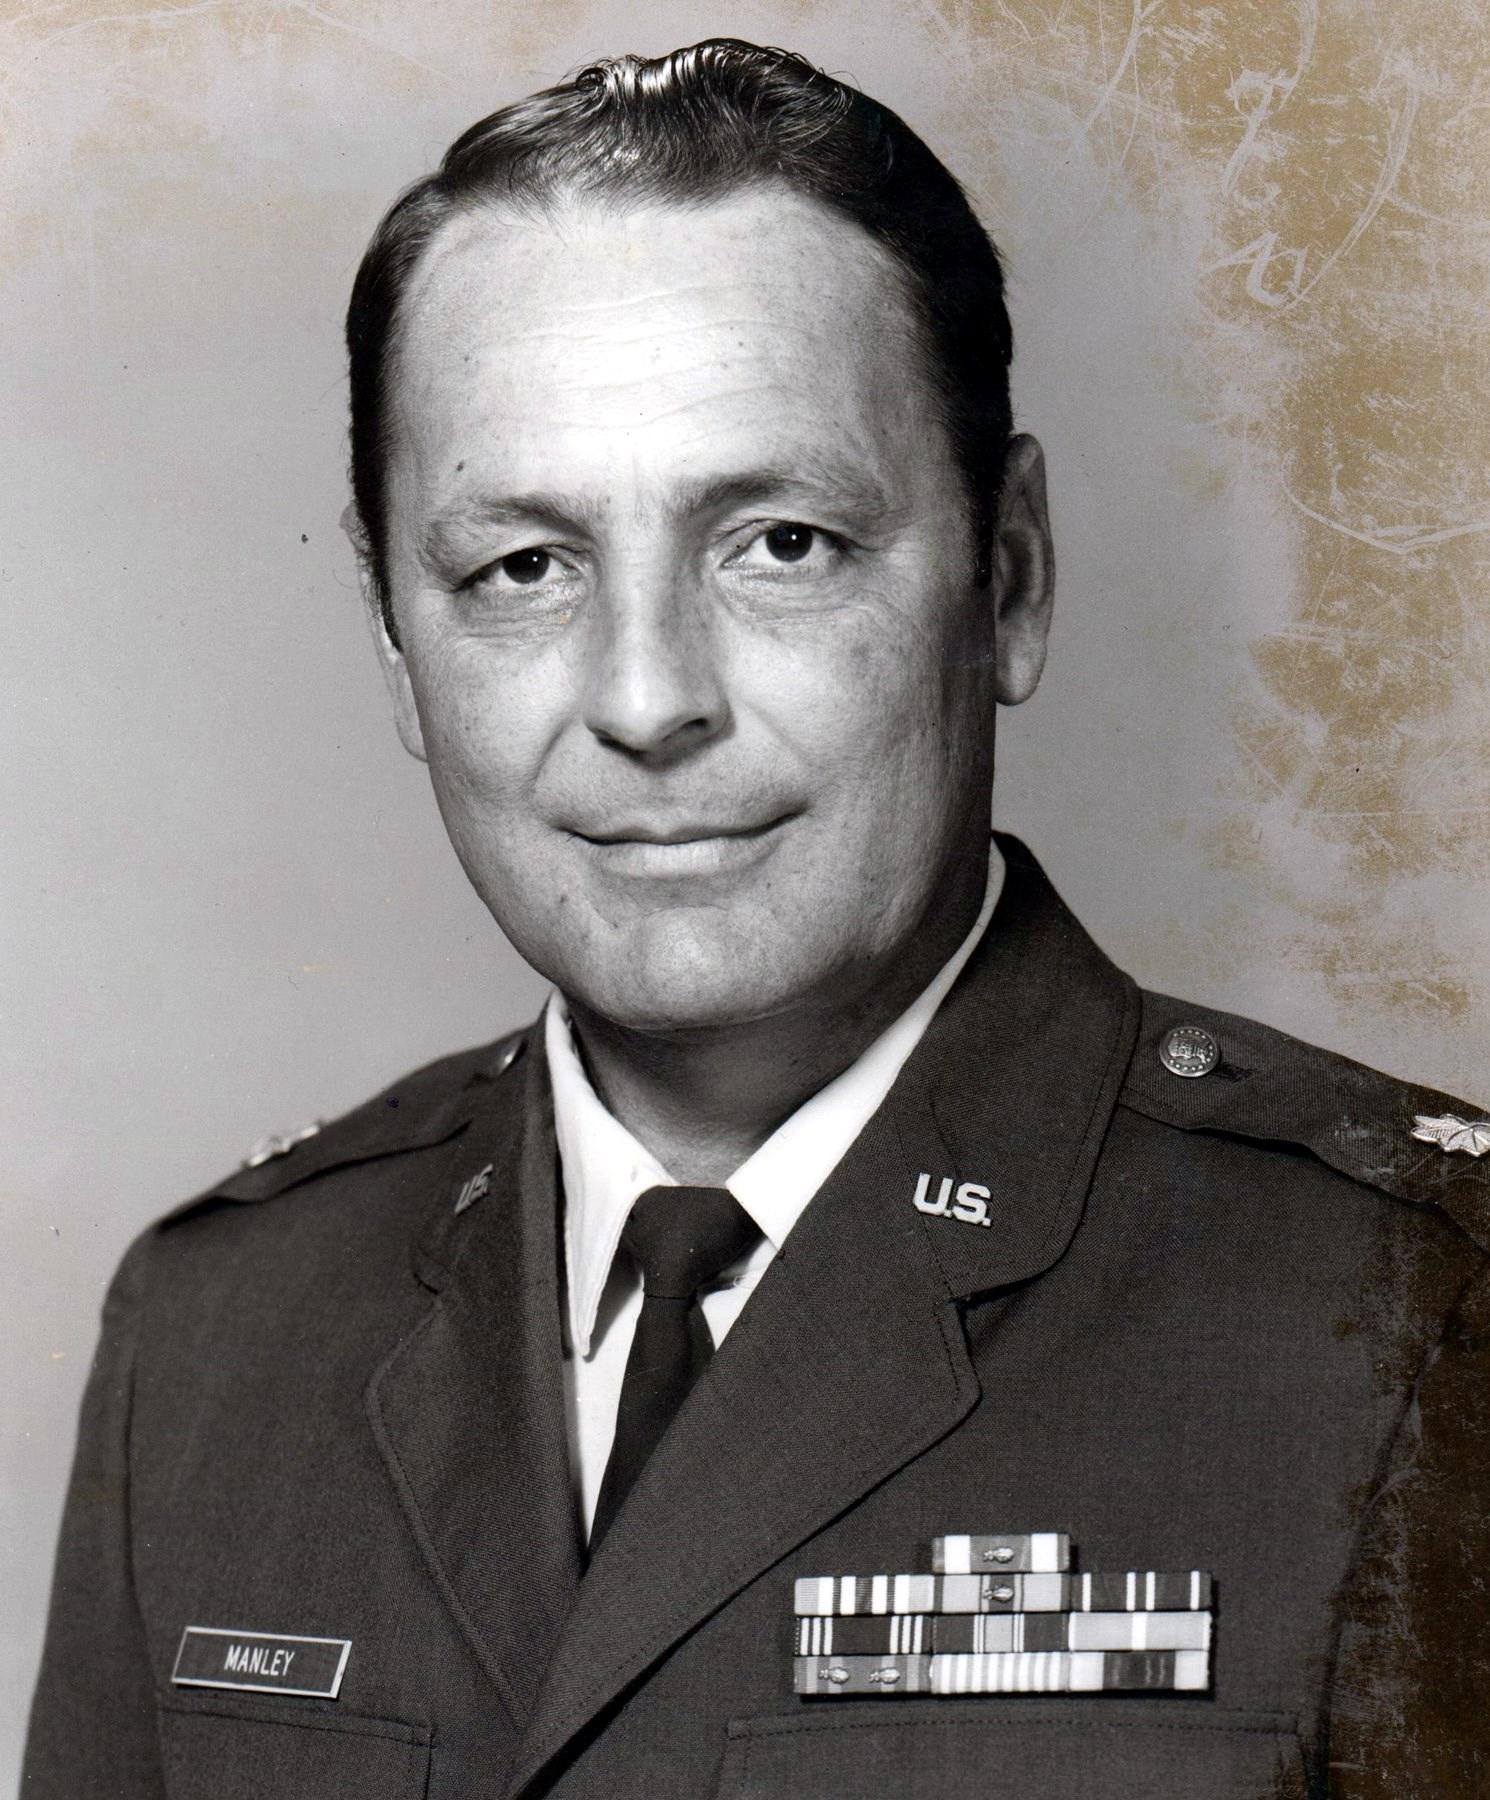 Bennie Don  Manley